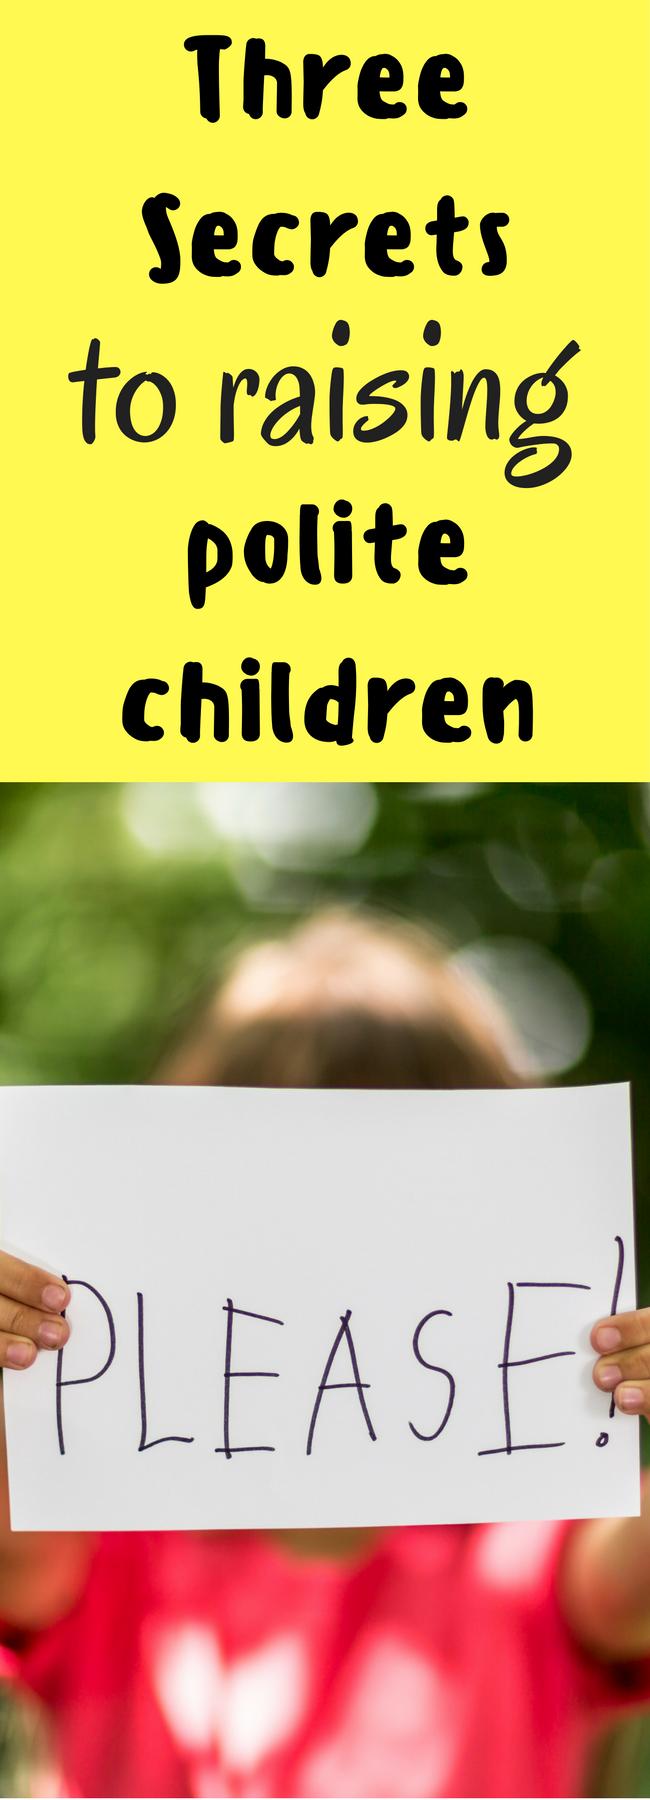 Manners for Kids / Social Skills / How to Raise Polite Children / Parenting Tips for Toddlers / Discipline / For Boys / For Girls via @clarkscondensed